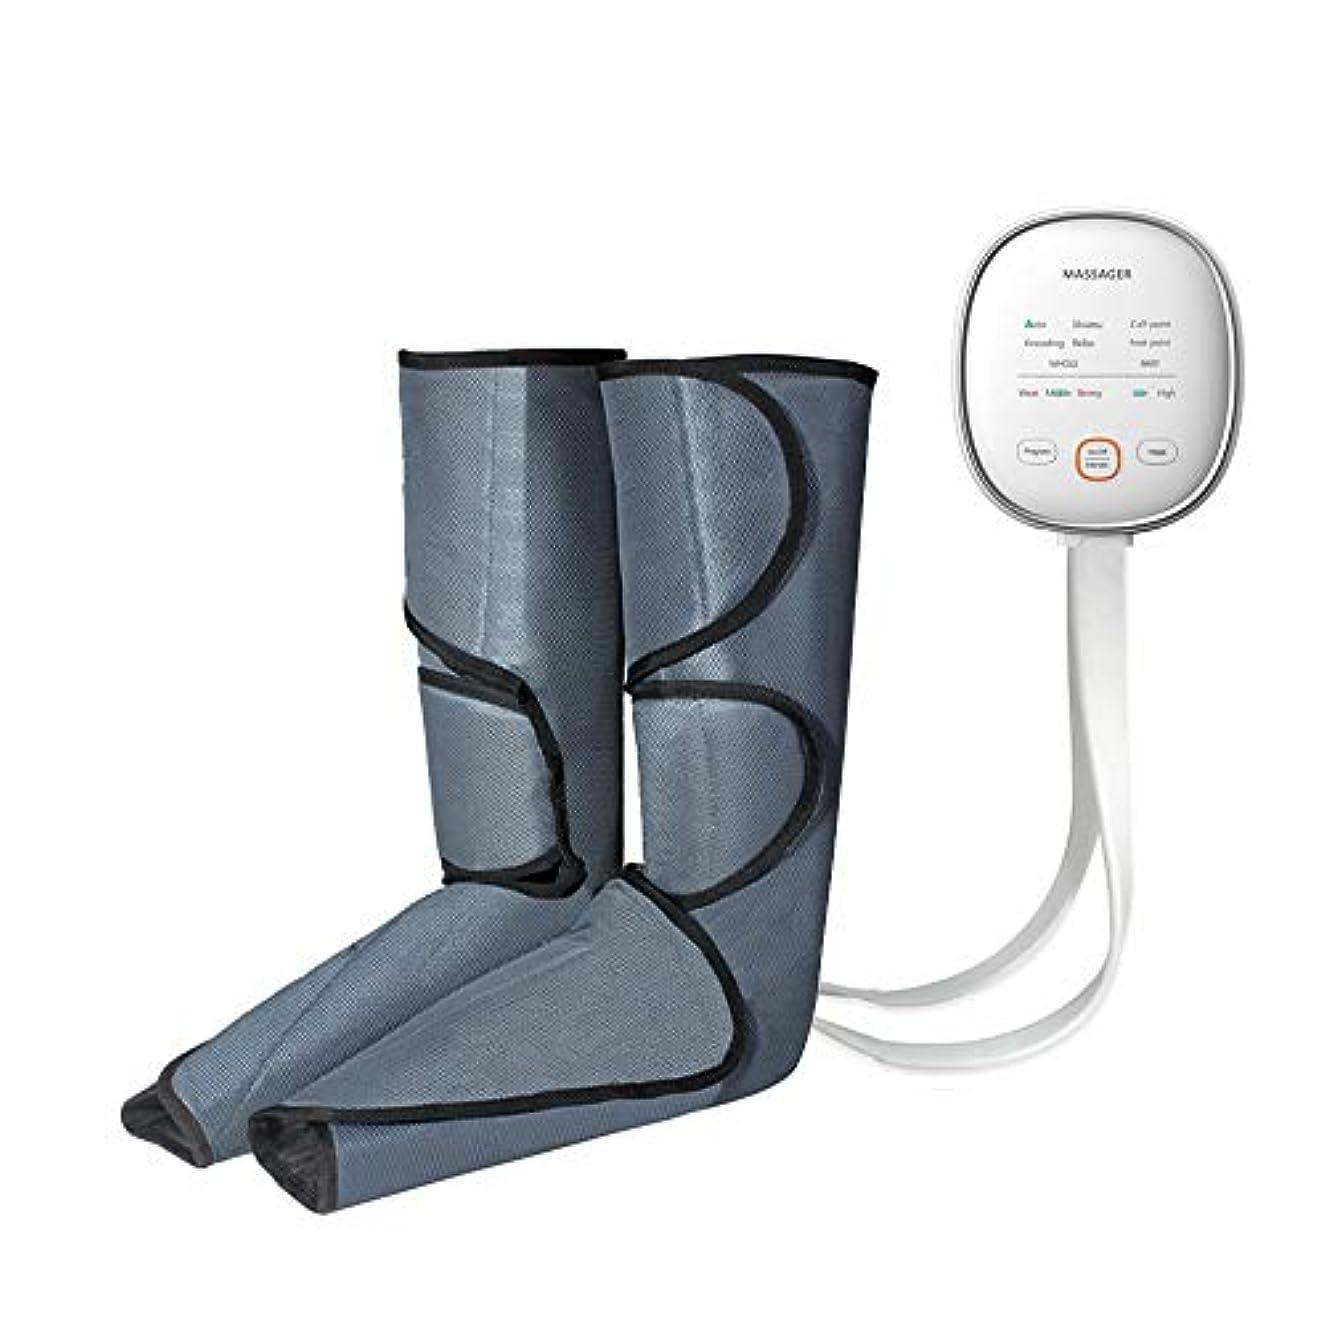 塩緩む居間フットマッサージャー エアーマッサージャー器 足とふくらはぎマッサージ 温感機能 3つ段階の強さ フット空気圧縮マッサージ 血行の促進 疲労回復